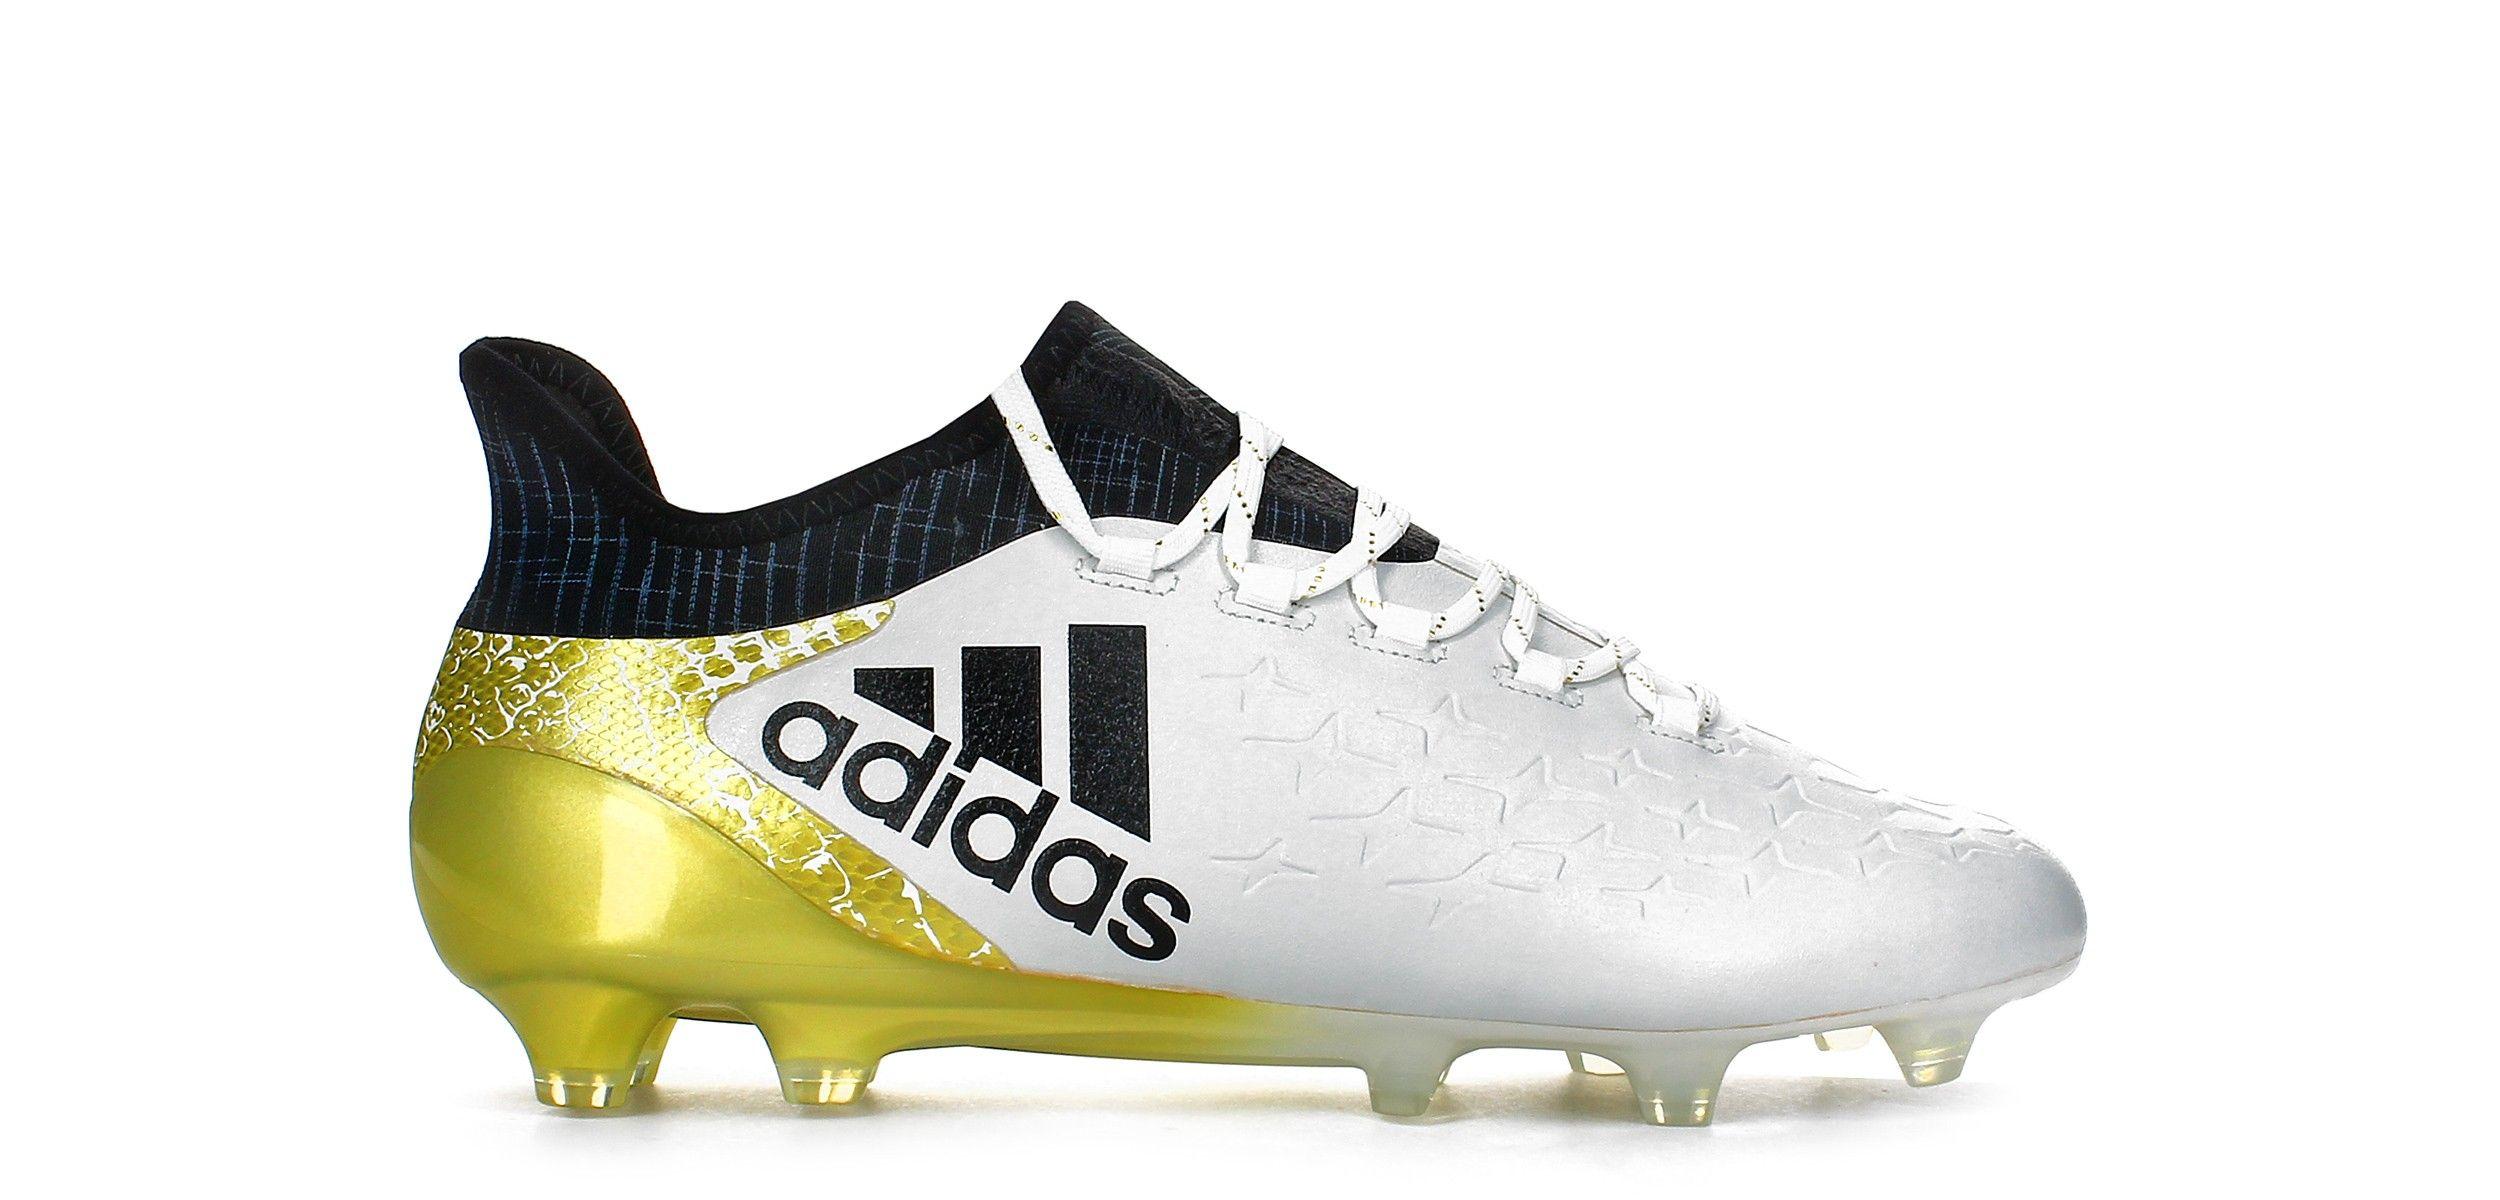 sports shoes c078c 5a38f Botas de fútbol adidas X 16.1 FG - Blanco   Negro   Dorado - Exterior pie